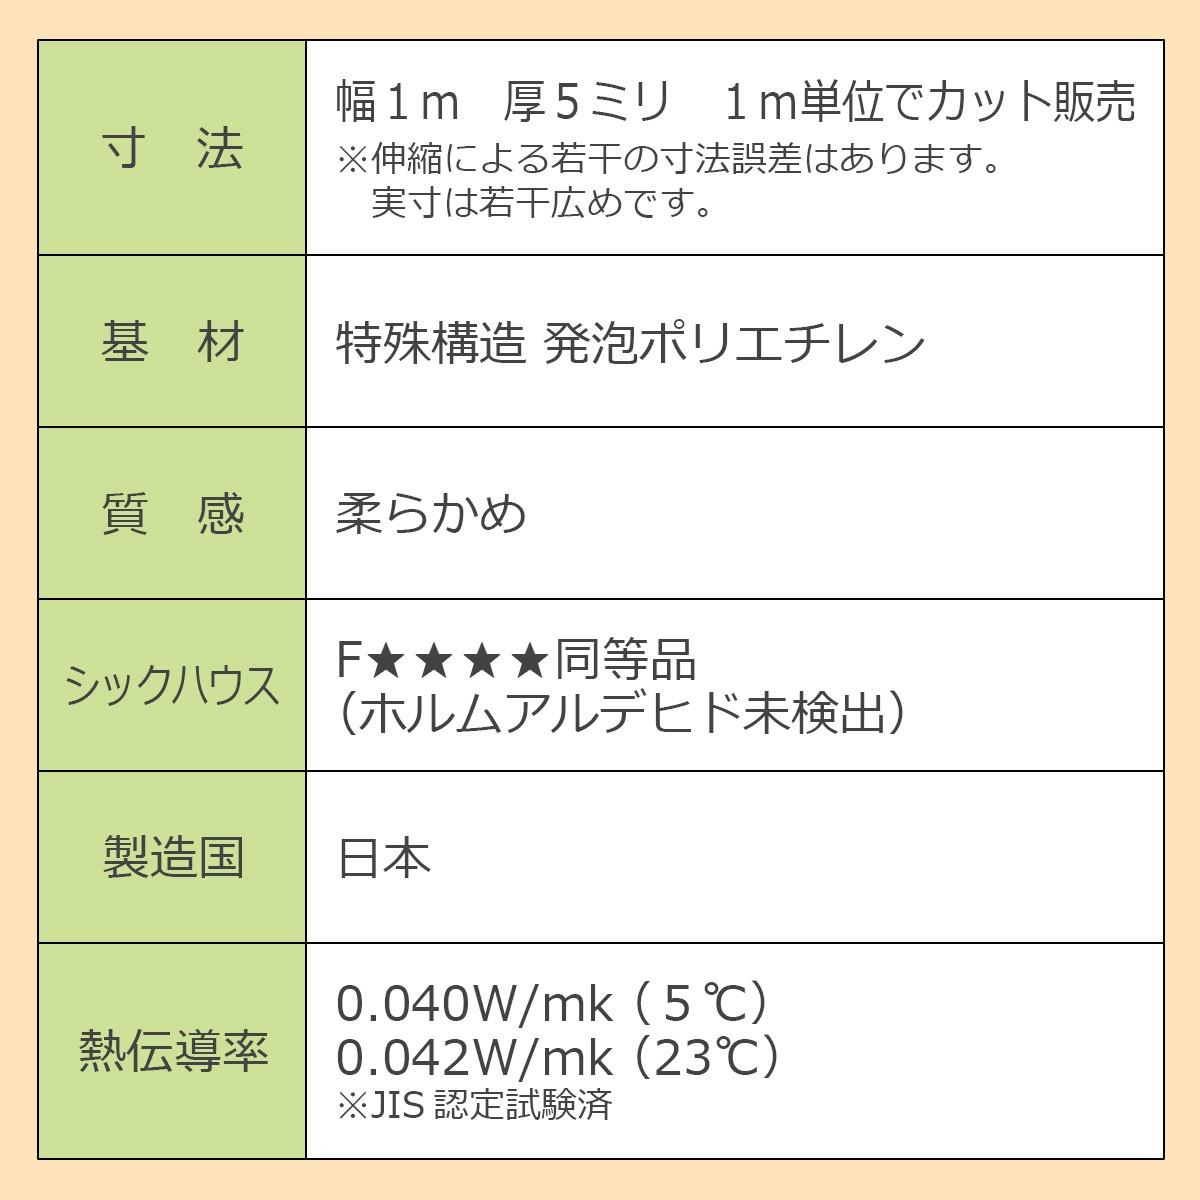 寸法…幅1ミリ 厚5ミリ 1メートル単位でカット販売 ※伸縮による若干の寸法誤差はあります。実寸は若干広めです。 基材…特殊構造 発泡ポリエチレン 質感…柔らかめ シックハウス…Fフォースター同等品(ホルムアルデヒド未検出) 製造国…日本 熱伝導率…0.040W/mk(5℃) 0.042W/mk(23℃) ※JIS認定試験済